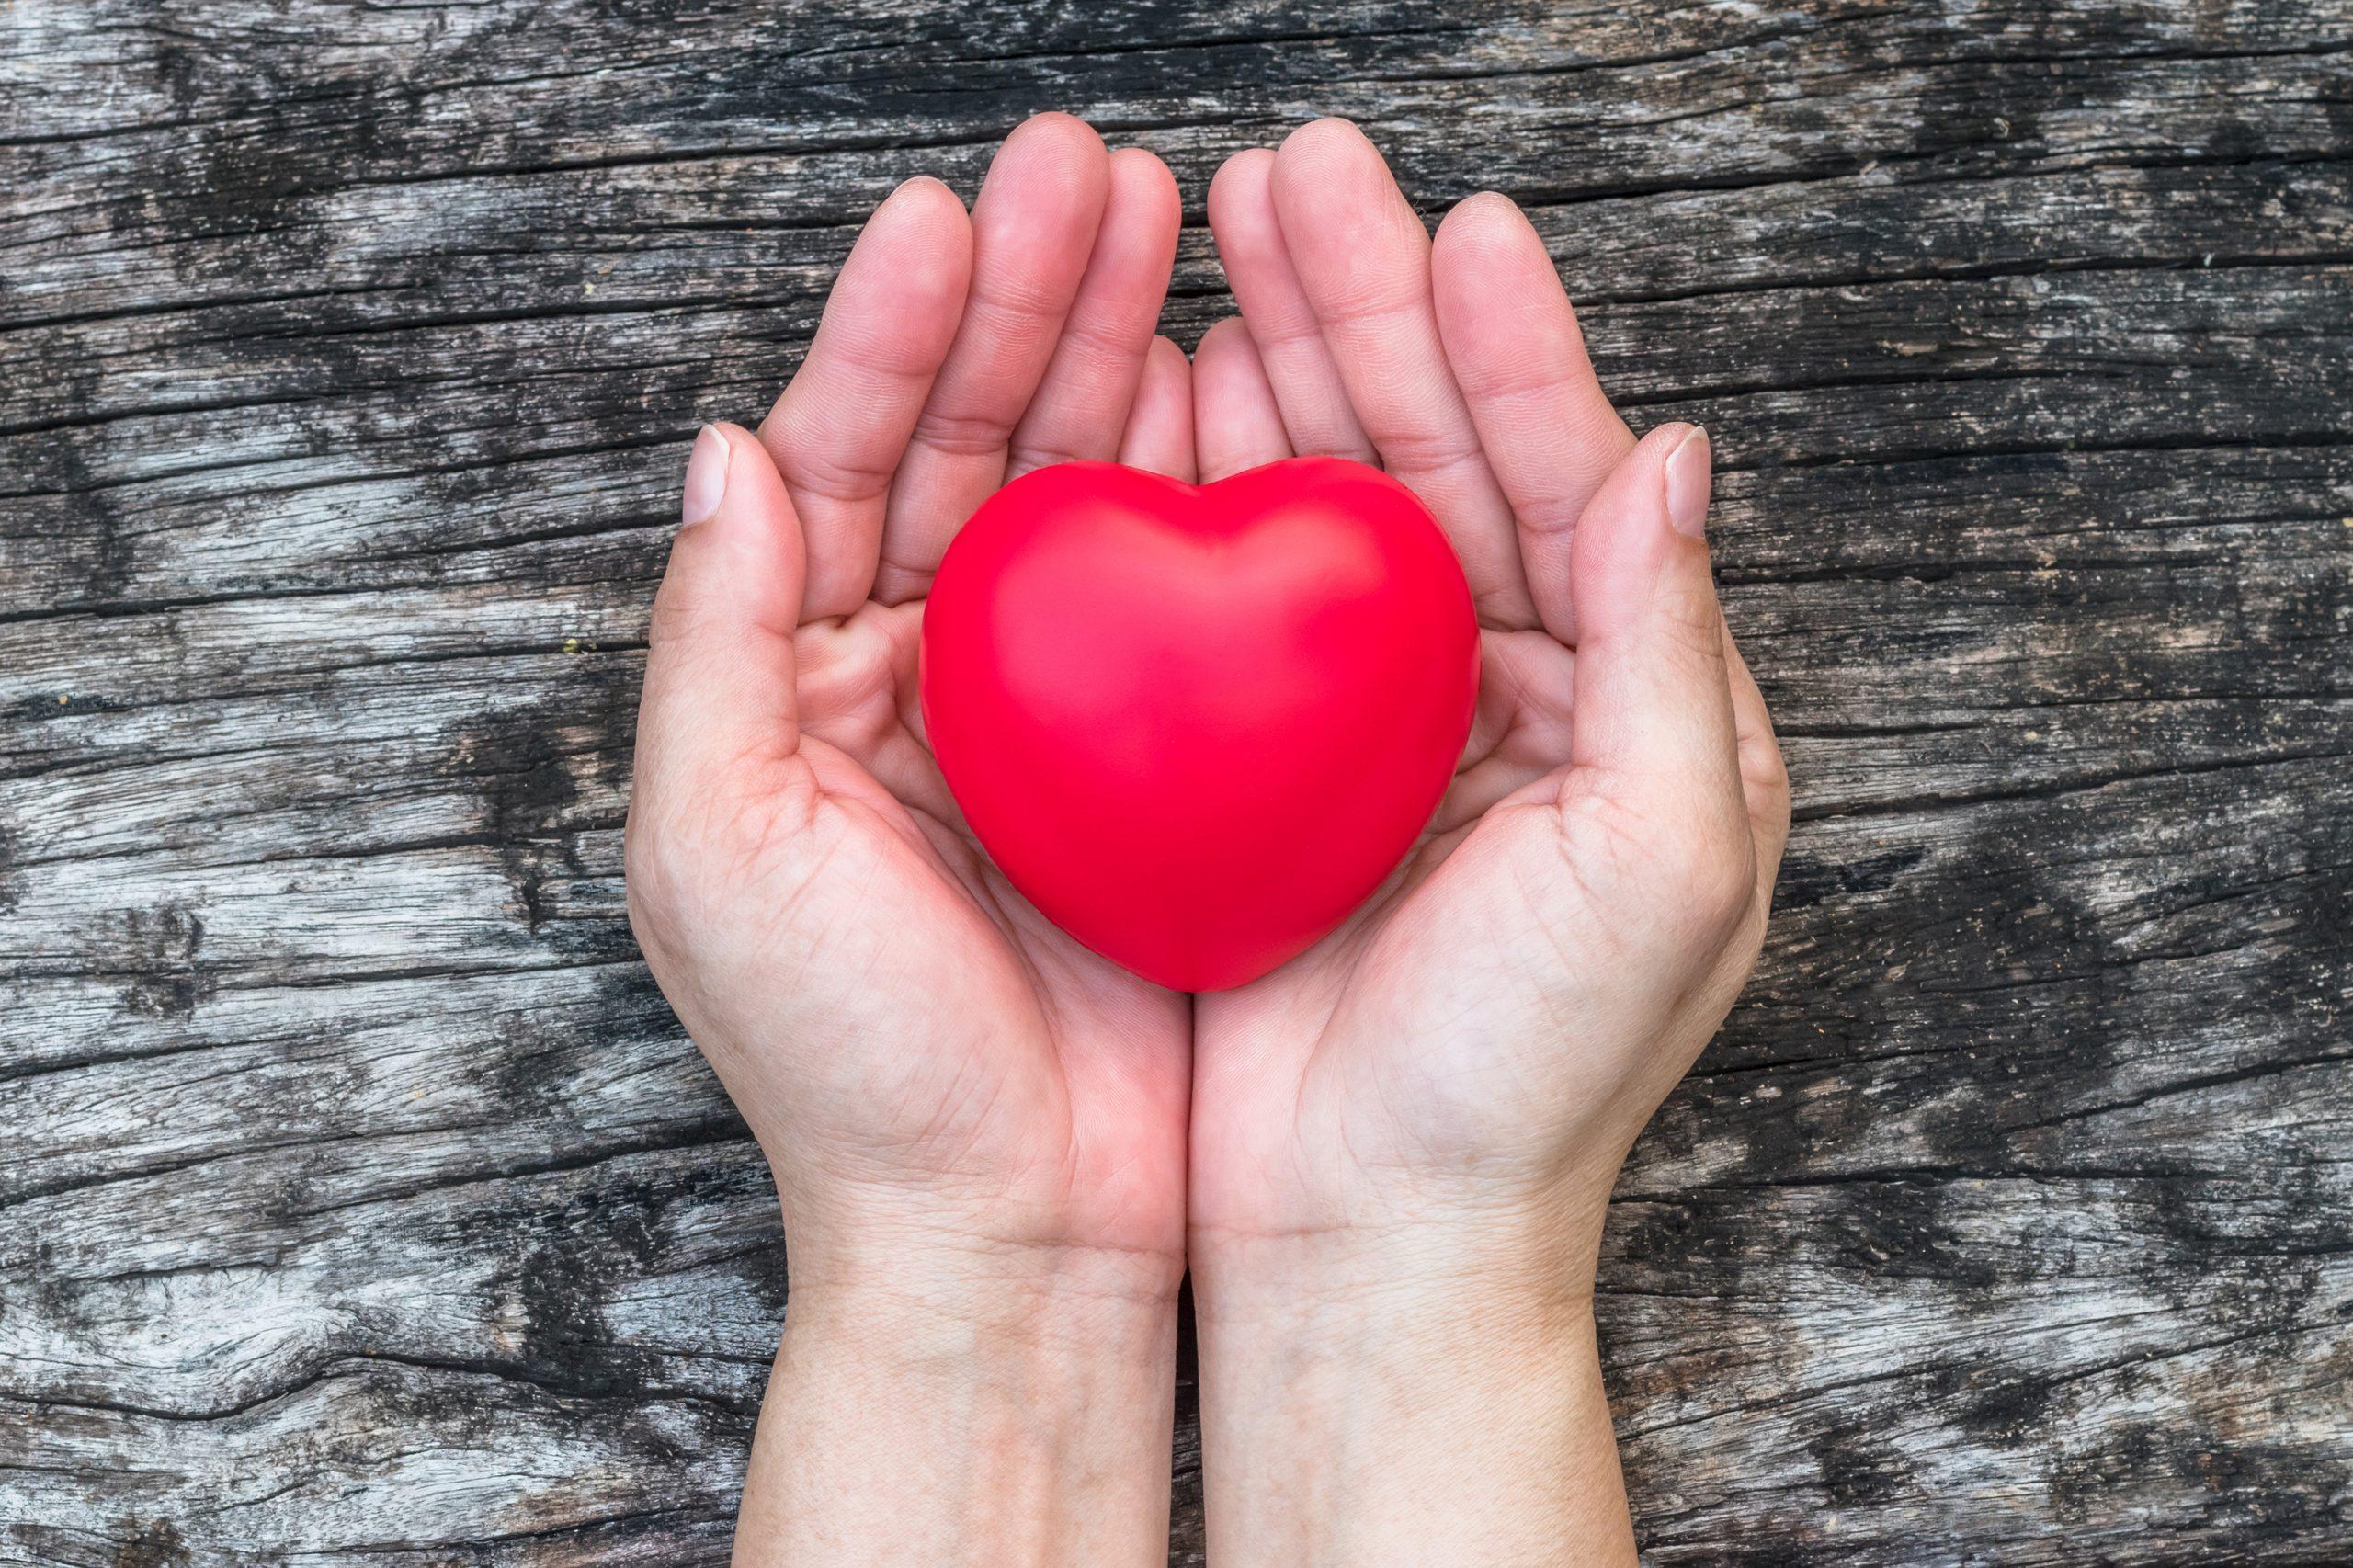 Rødt hjerte ligger i en kvindes foldede hænder